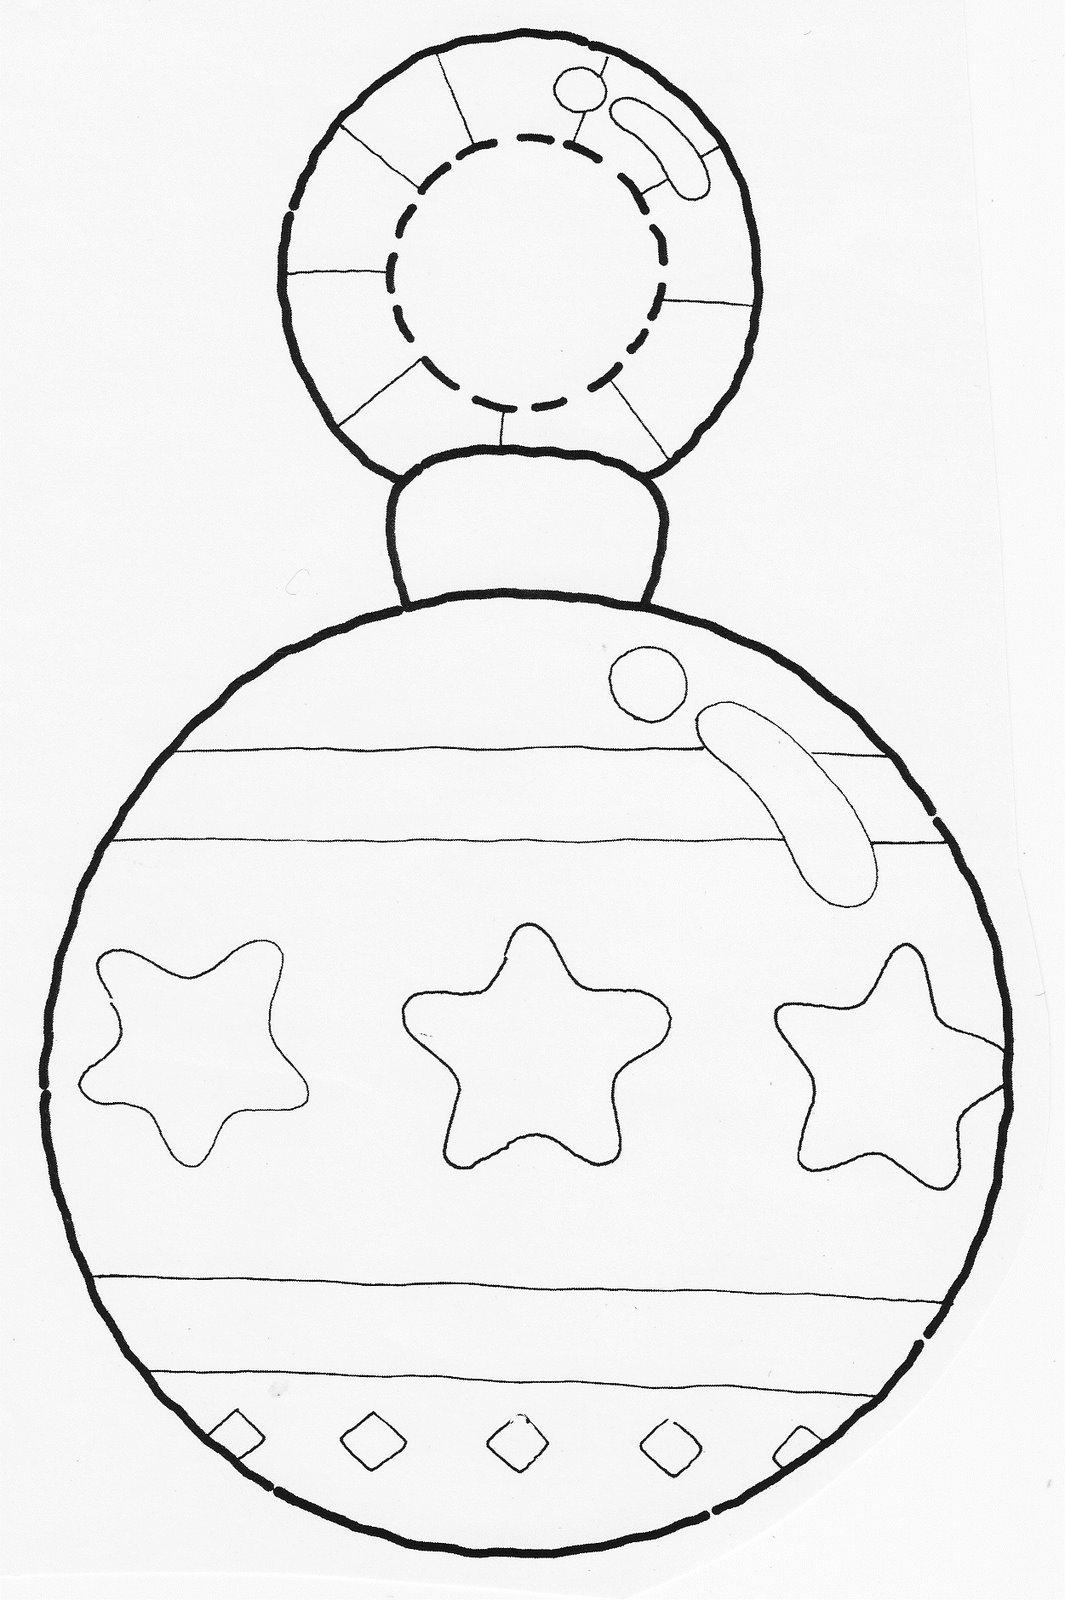 Menta m s chocolate recursos y actividades para - Adornos de navidad para el arbol ...